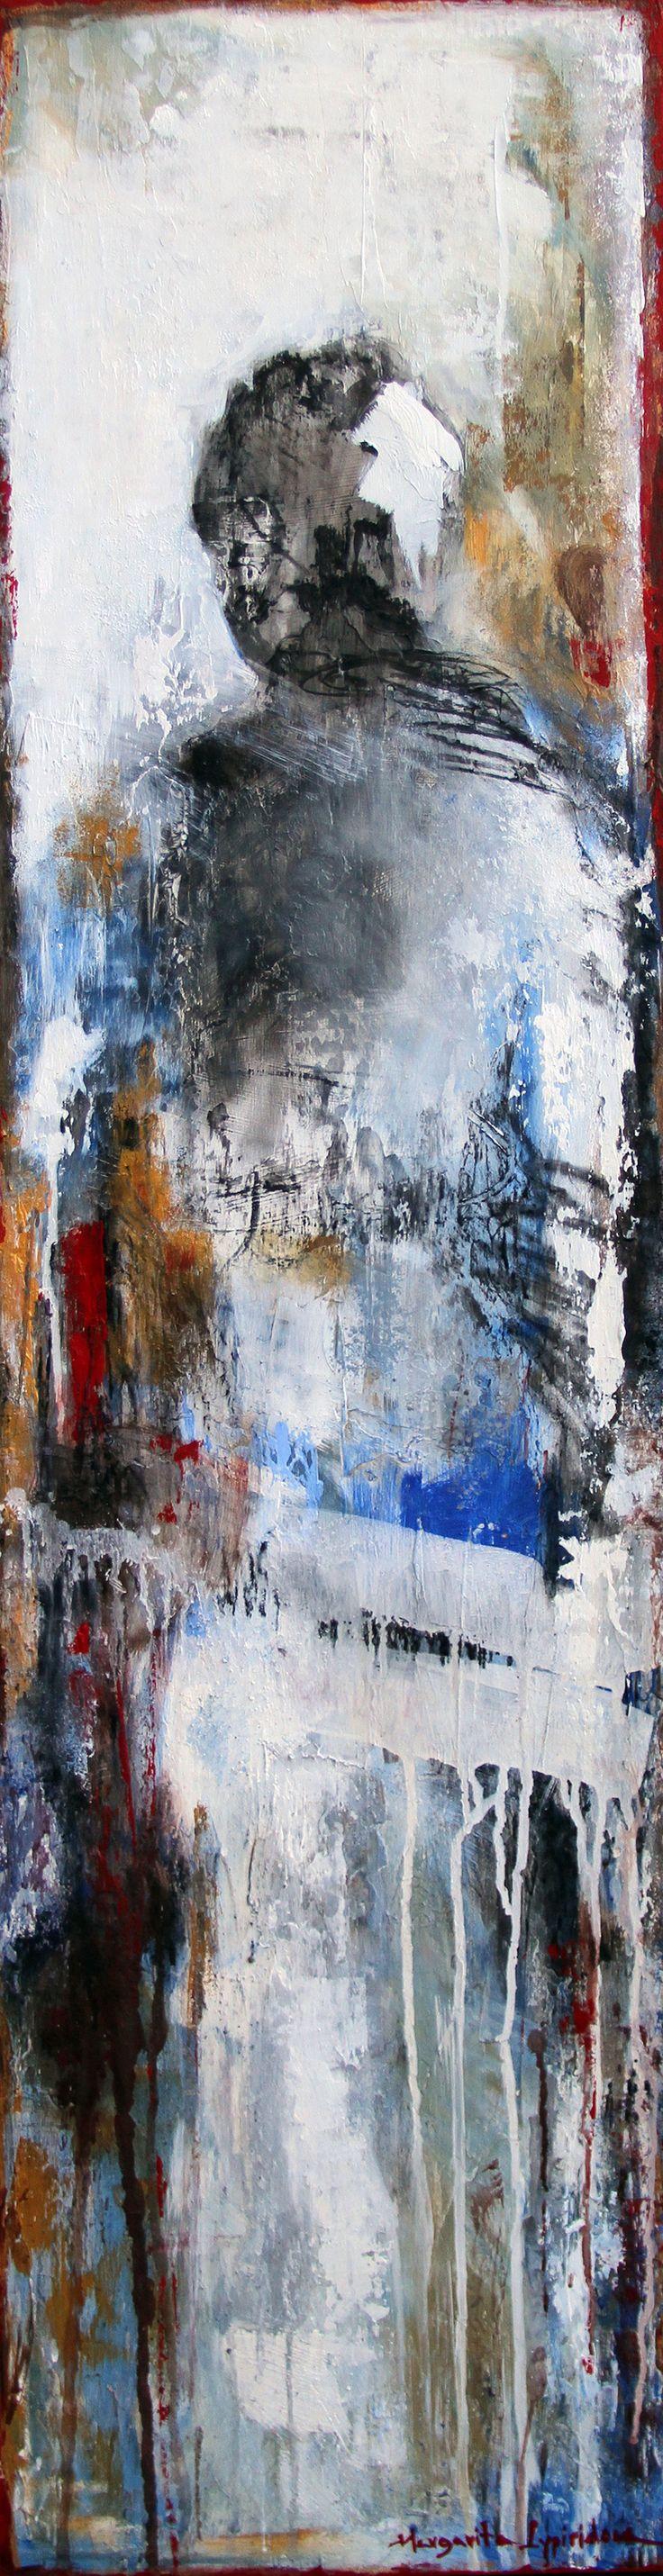 D'origine grecque, Margarita Lypiridou peint des personnages aux identités anonymes qui évoluent dans des paysage soit urbains, soit marin.